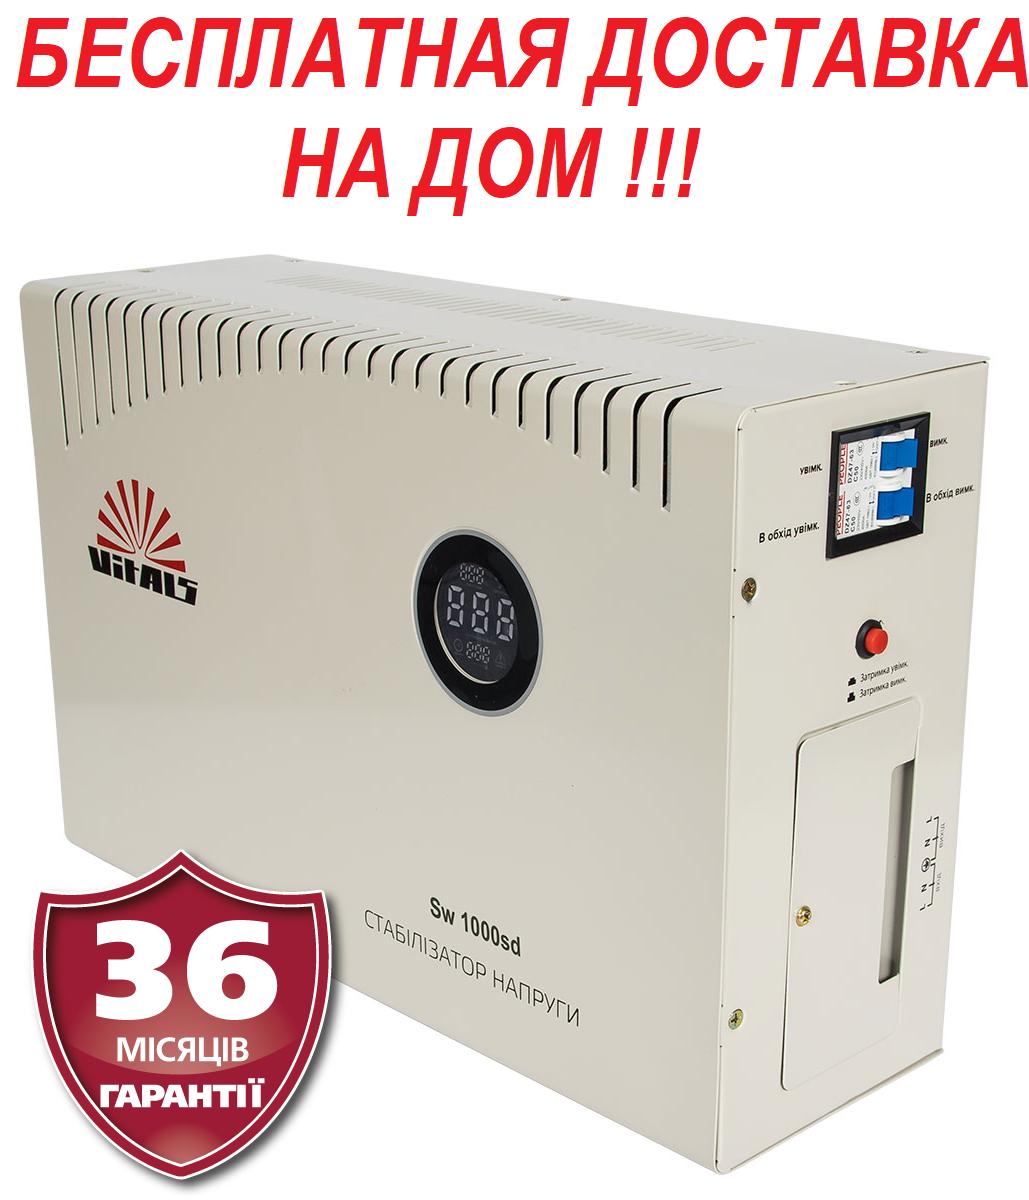 Стабилизатор напряжения инверторный 10 кВт Латвия  VITALS Sw 1000sd